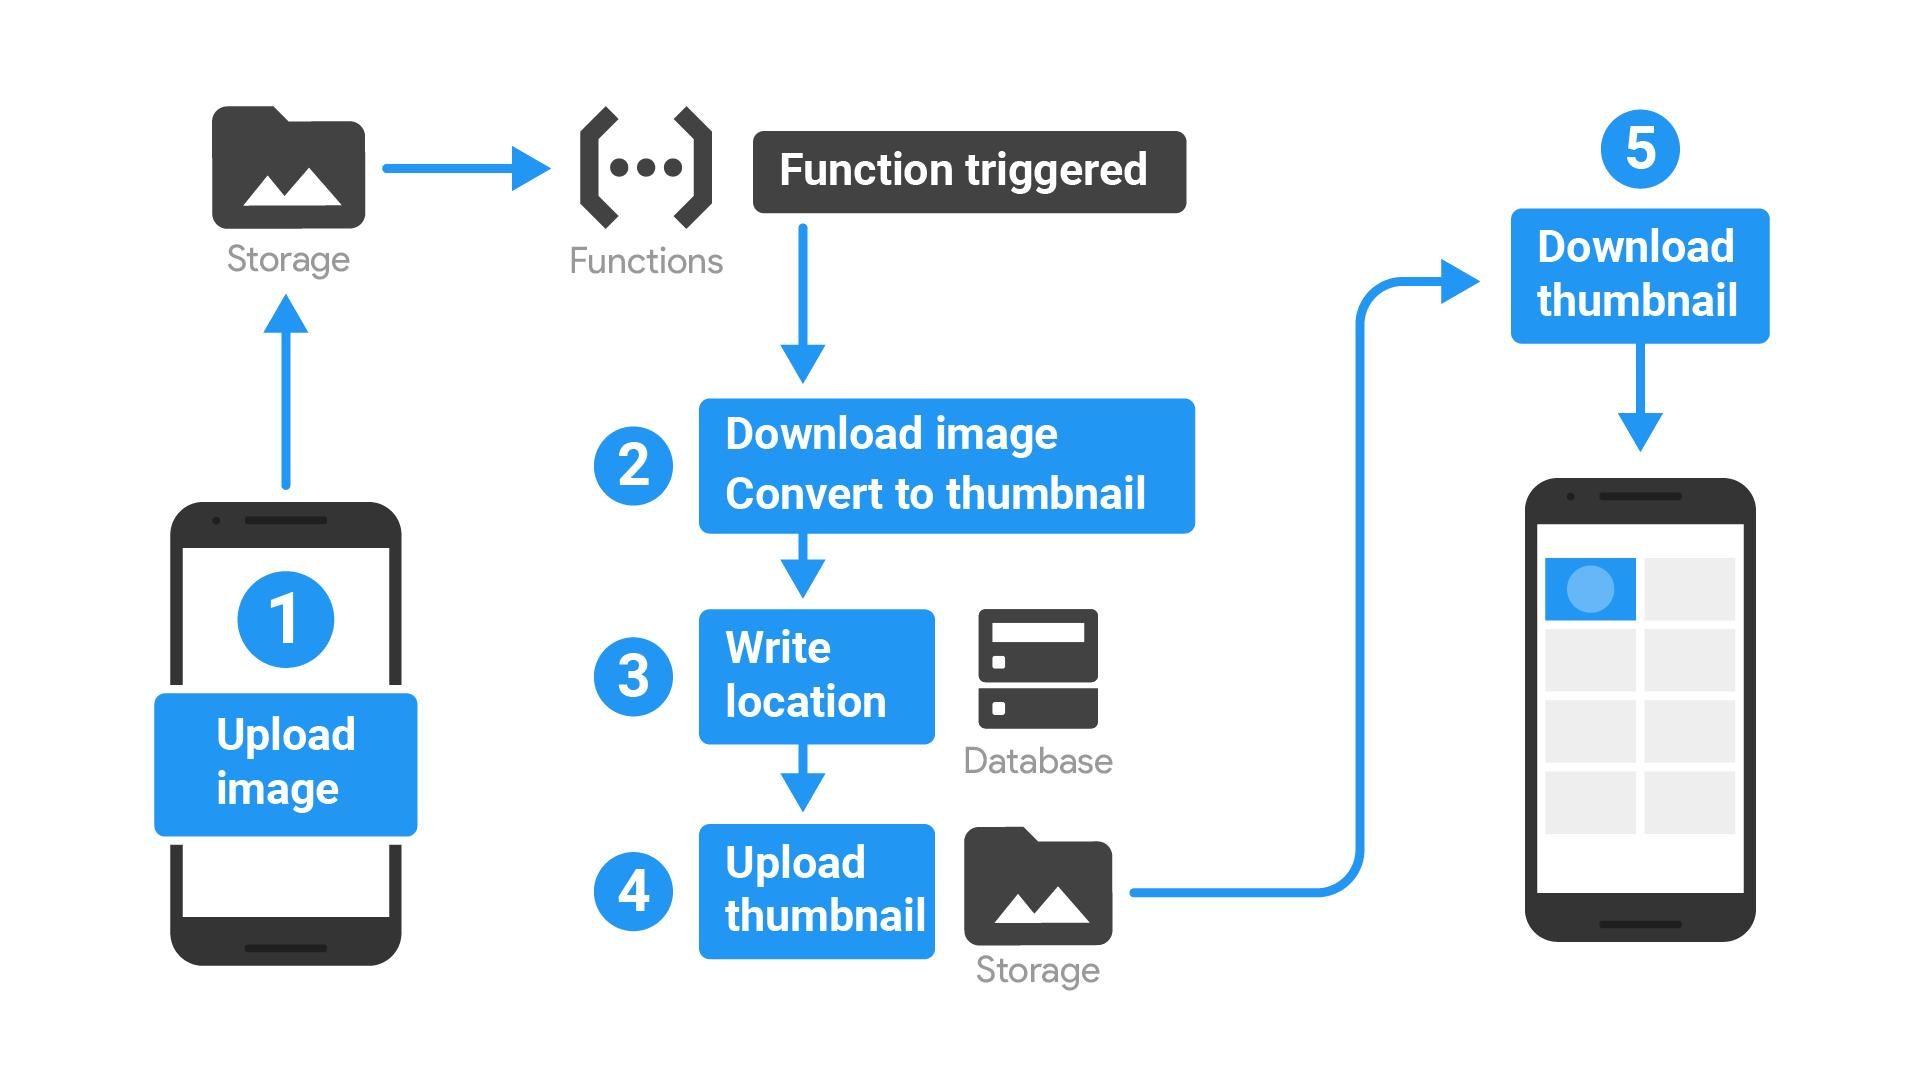 Aşağıda açıklanan uygulama akışını gösteren diyagram